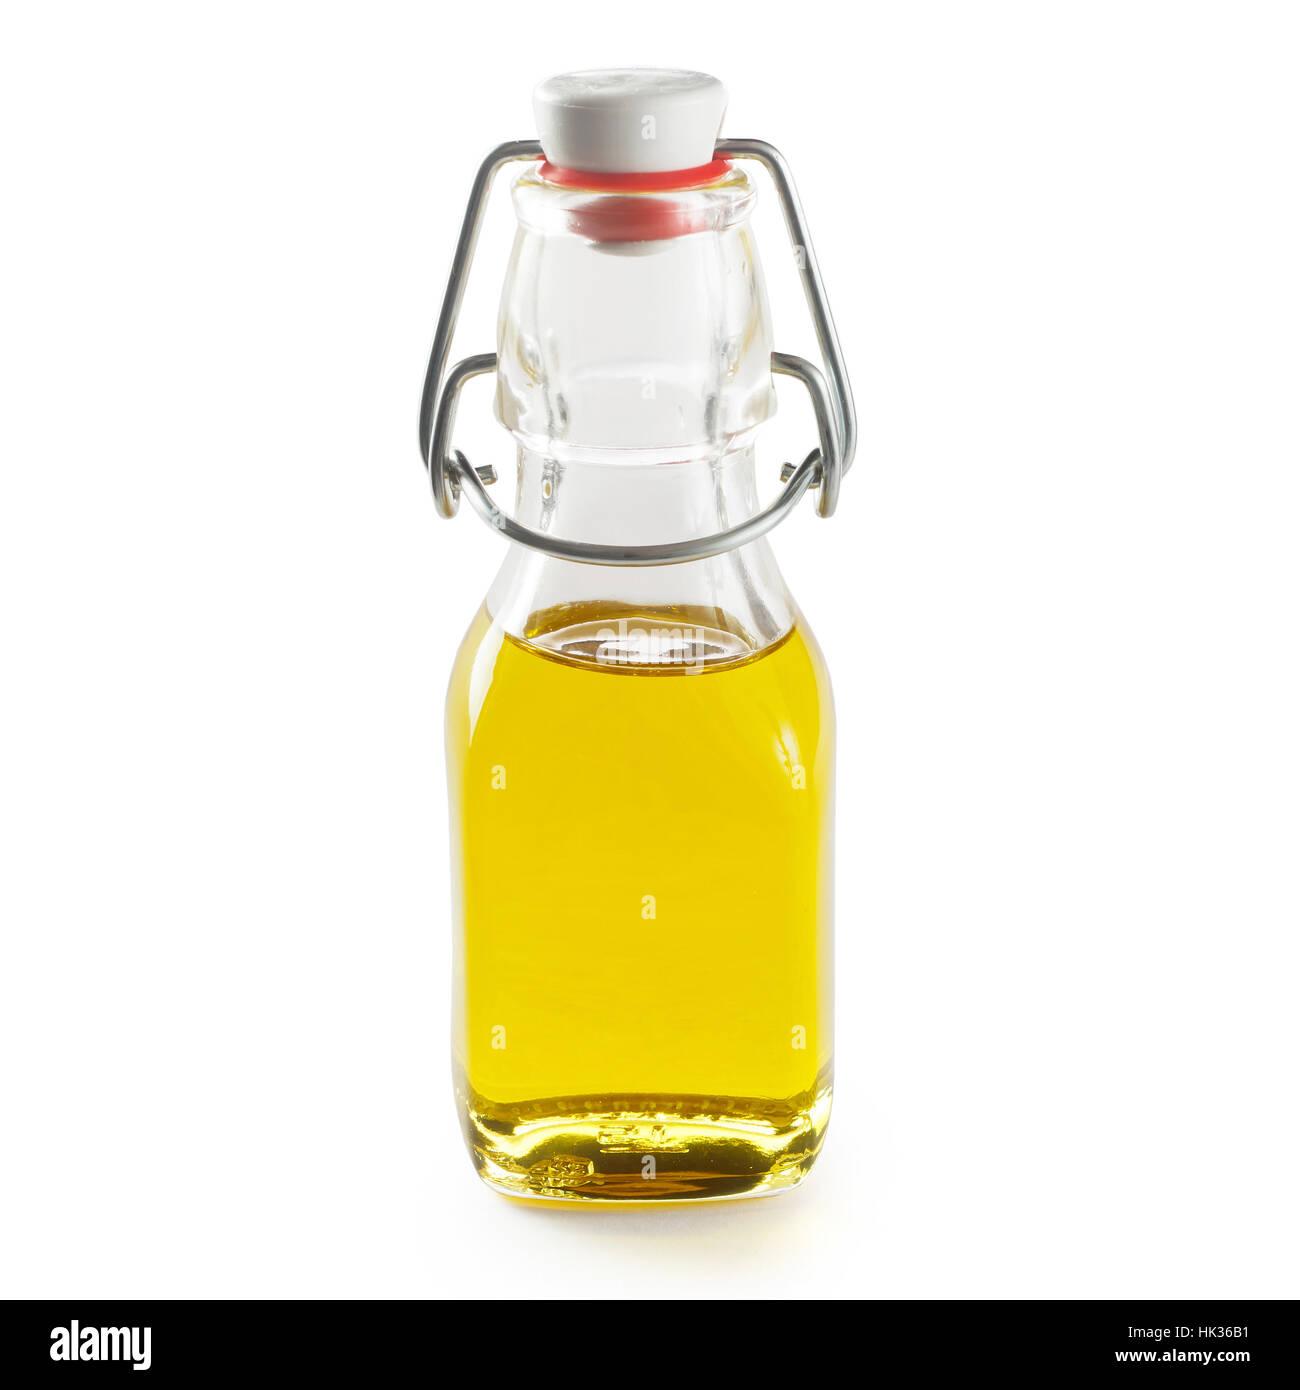 Olio in bottiglia piccola isolati su sfondo bianco Immagini Stock